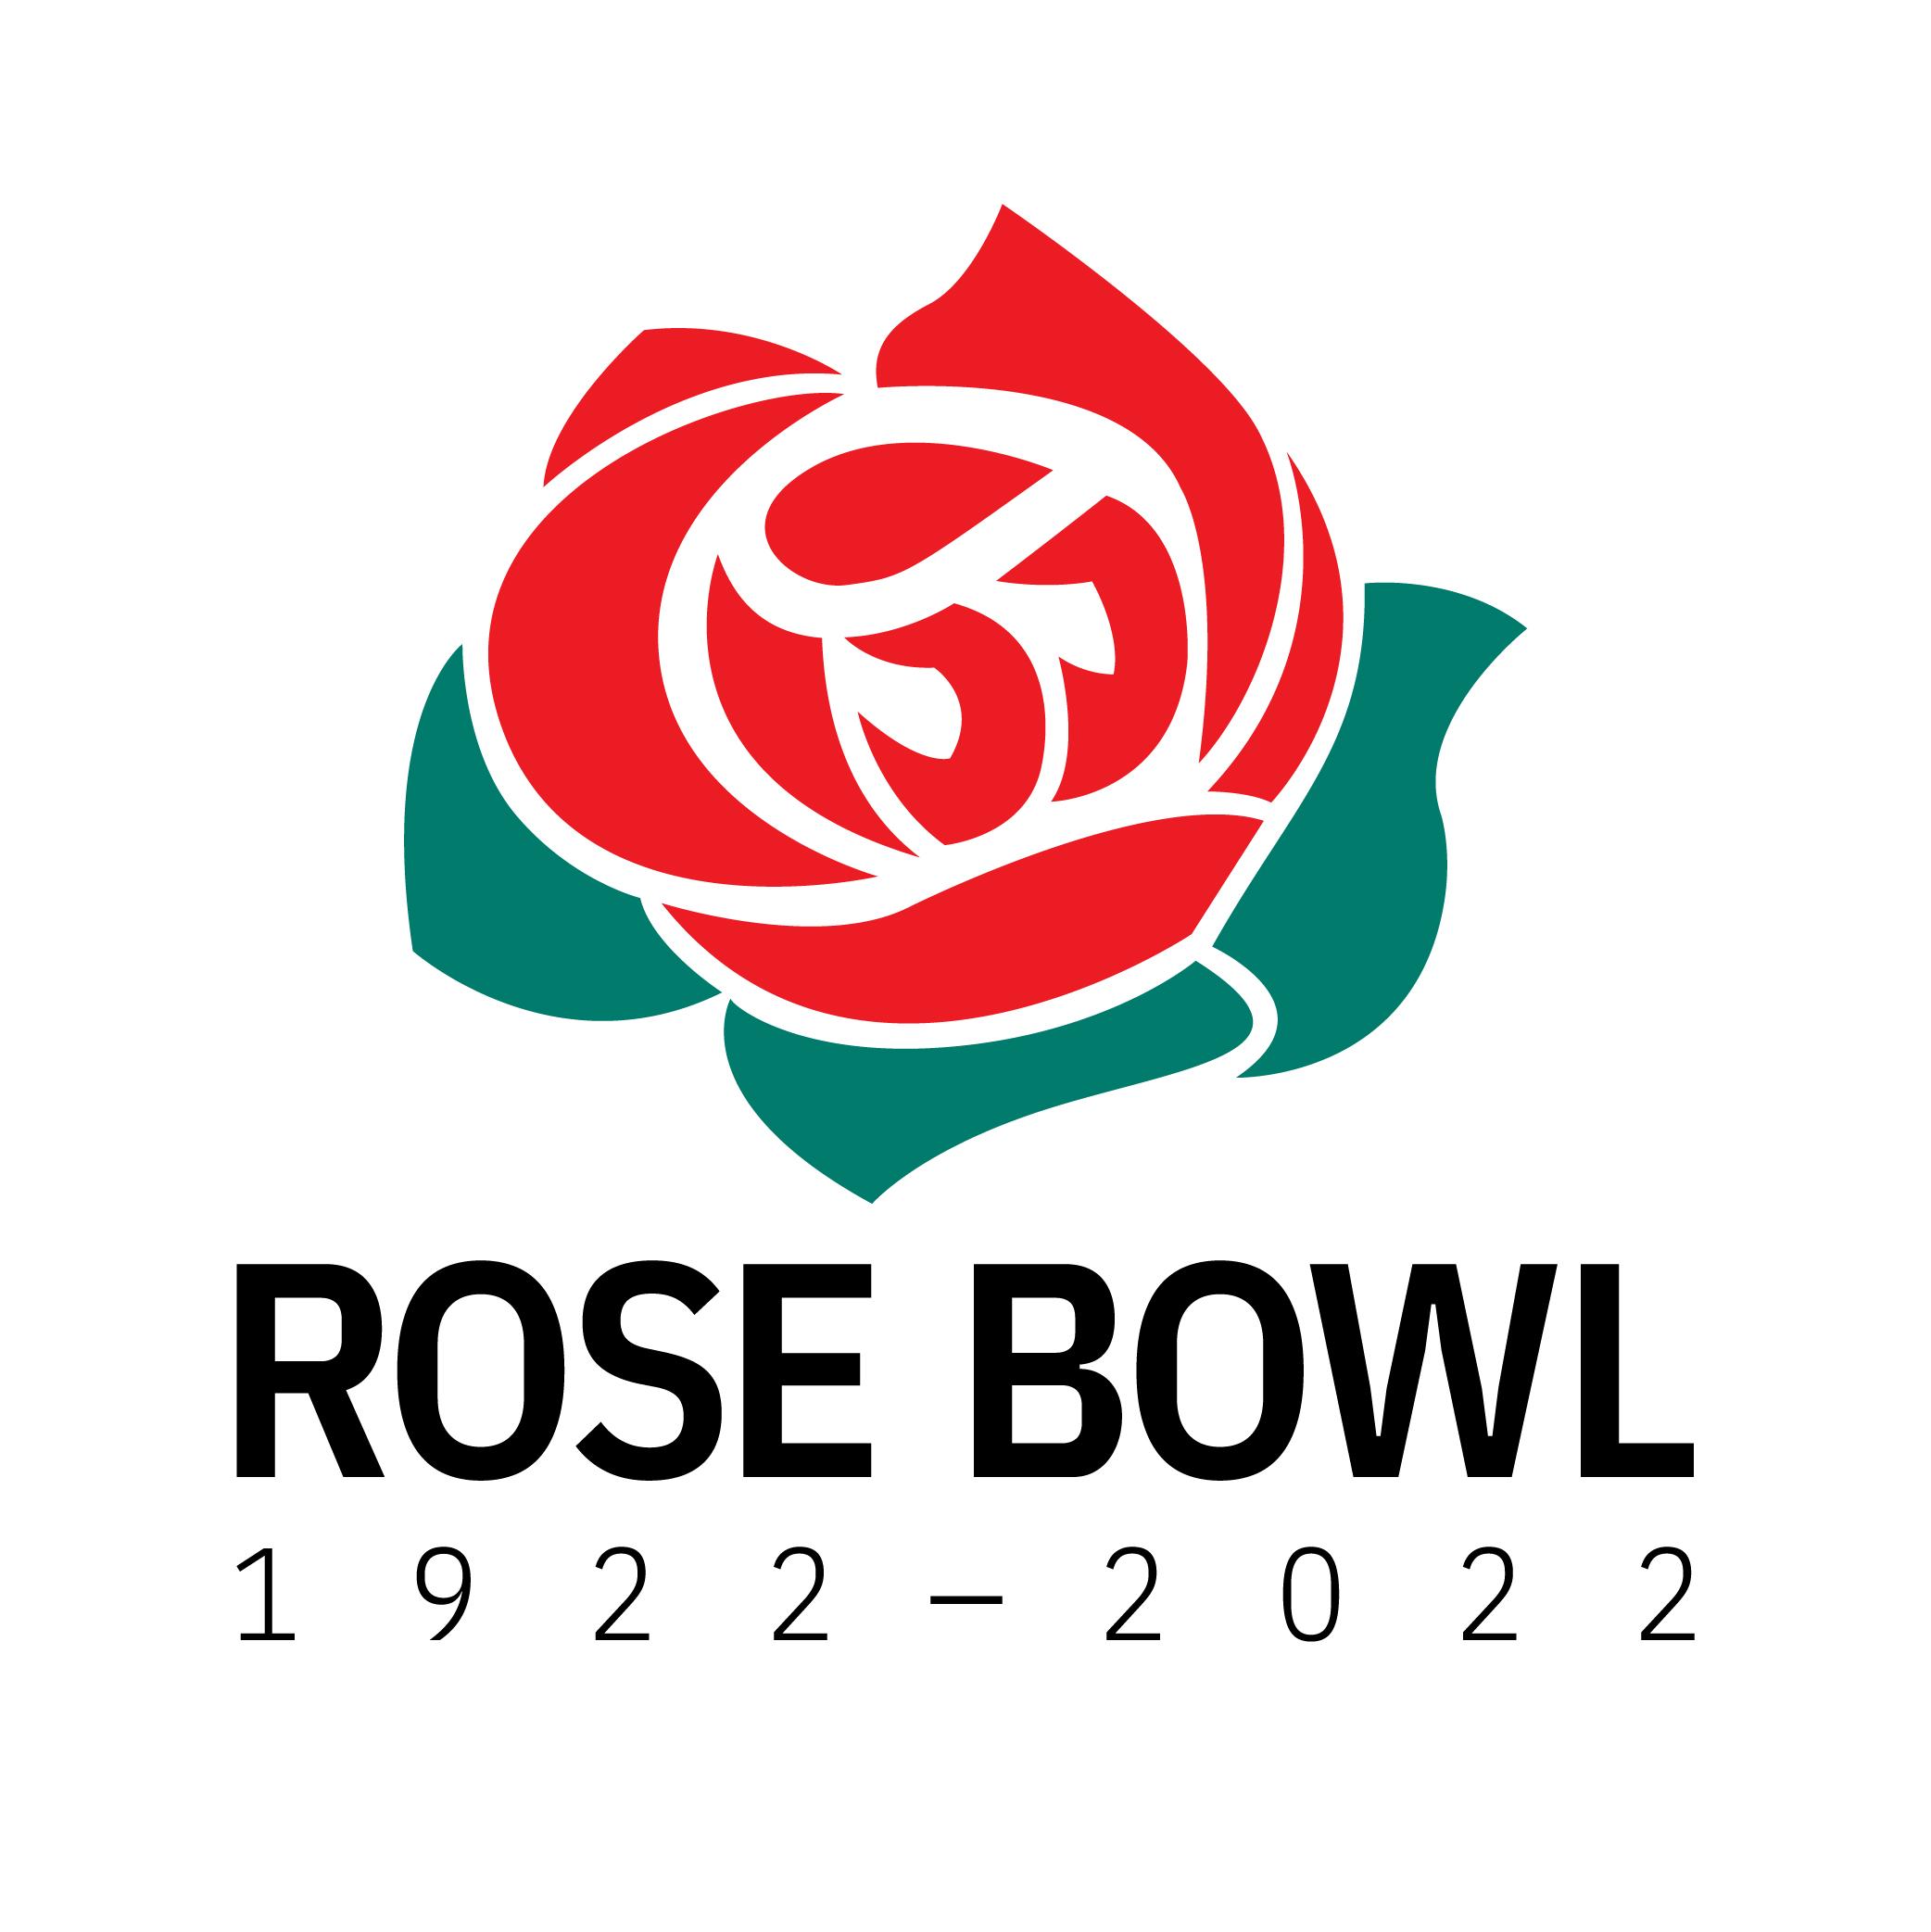 Rose Bowl Centennial